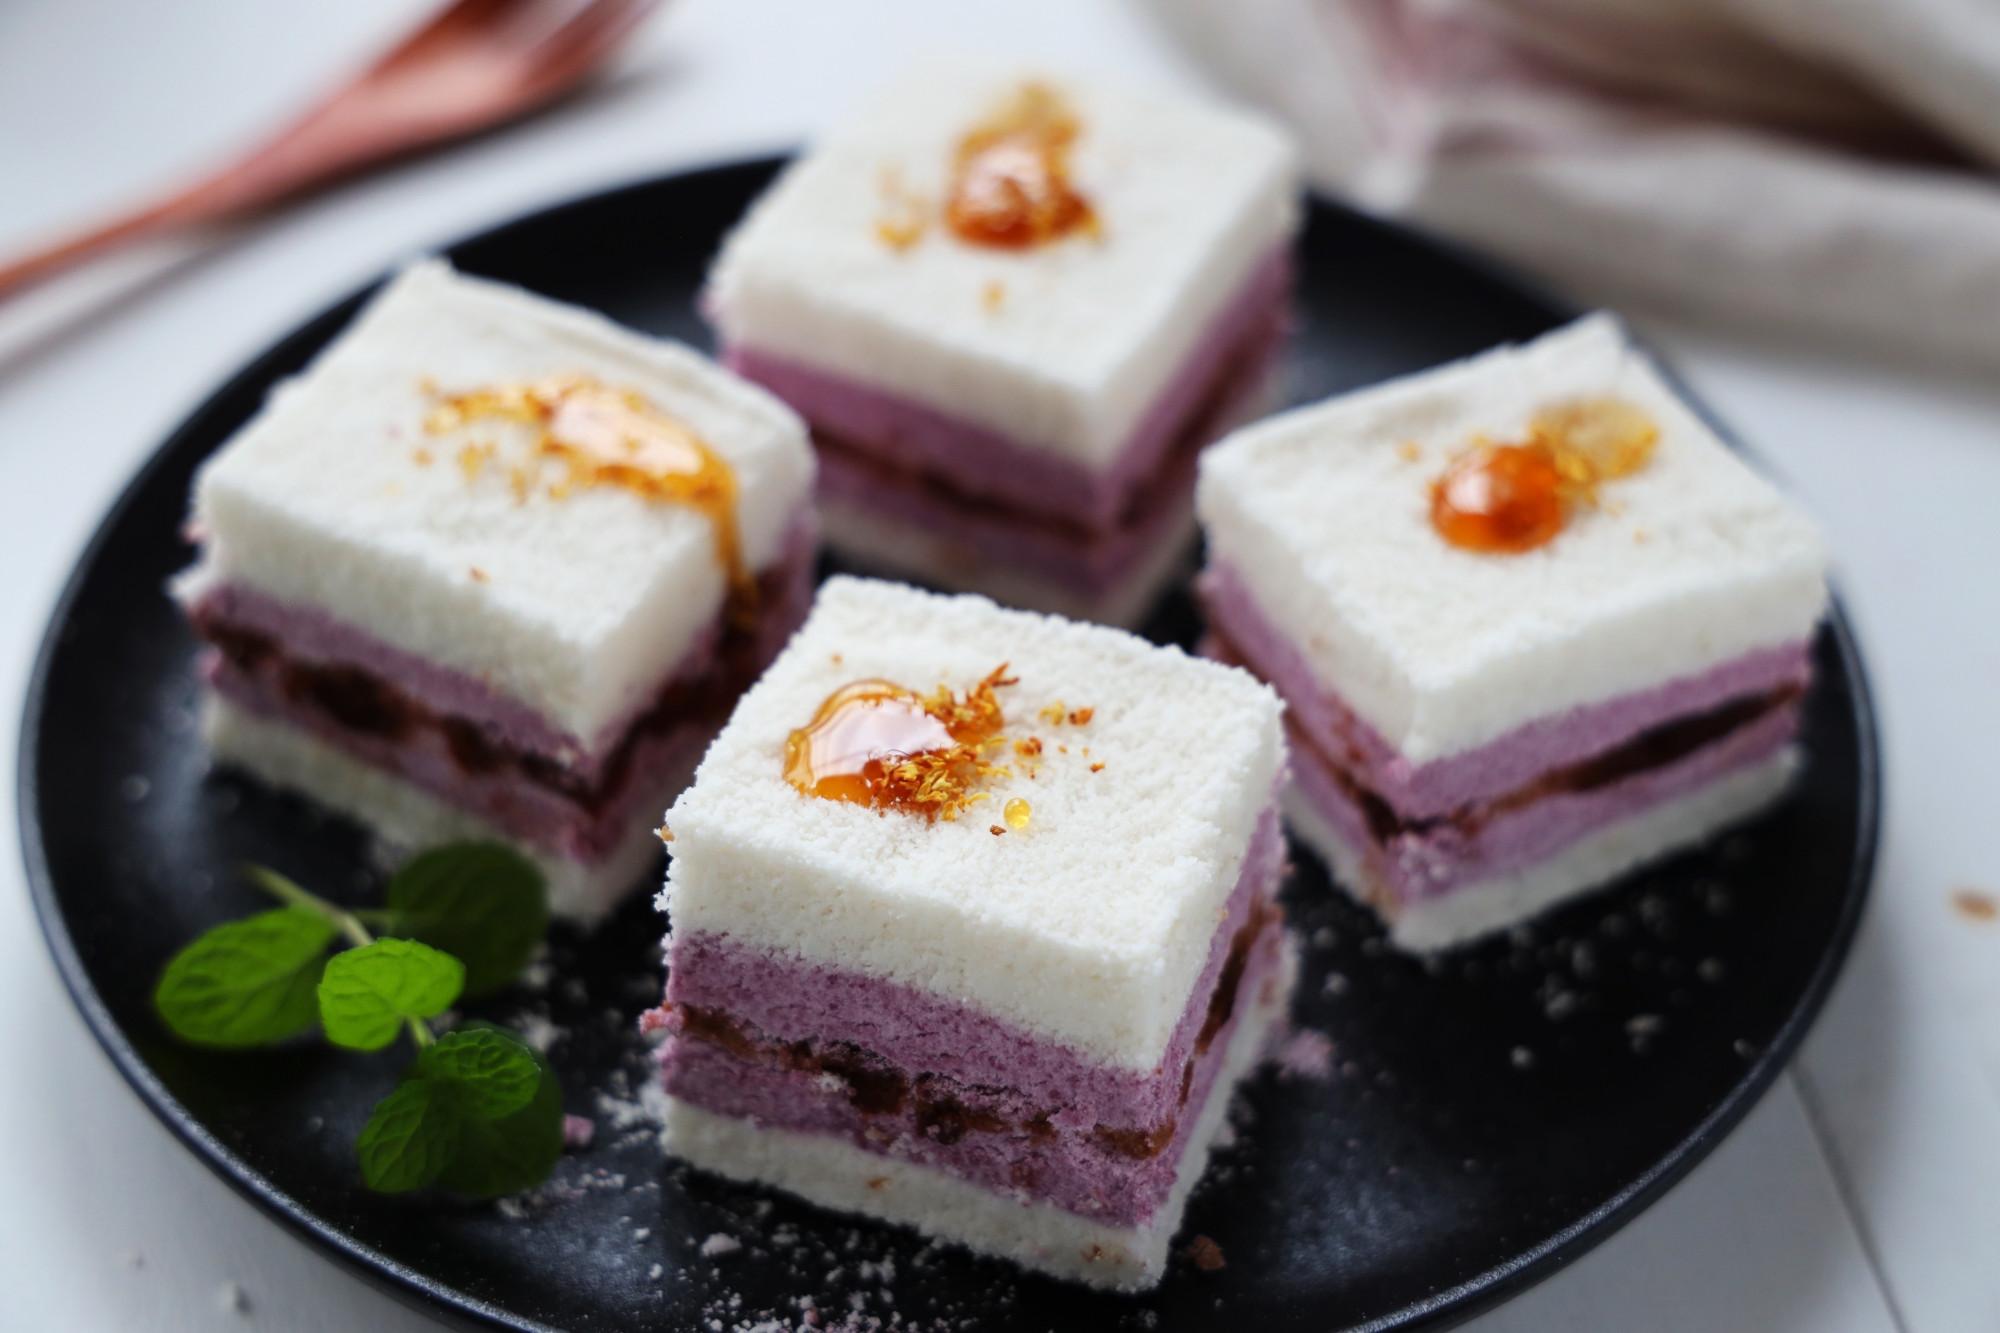 教你做好吃又好看的大米鬆糕,掌握正確方法,在家做幾乎不會失敗